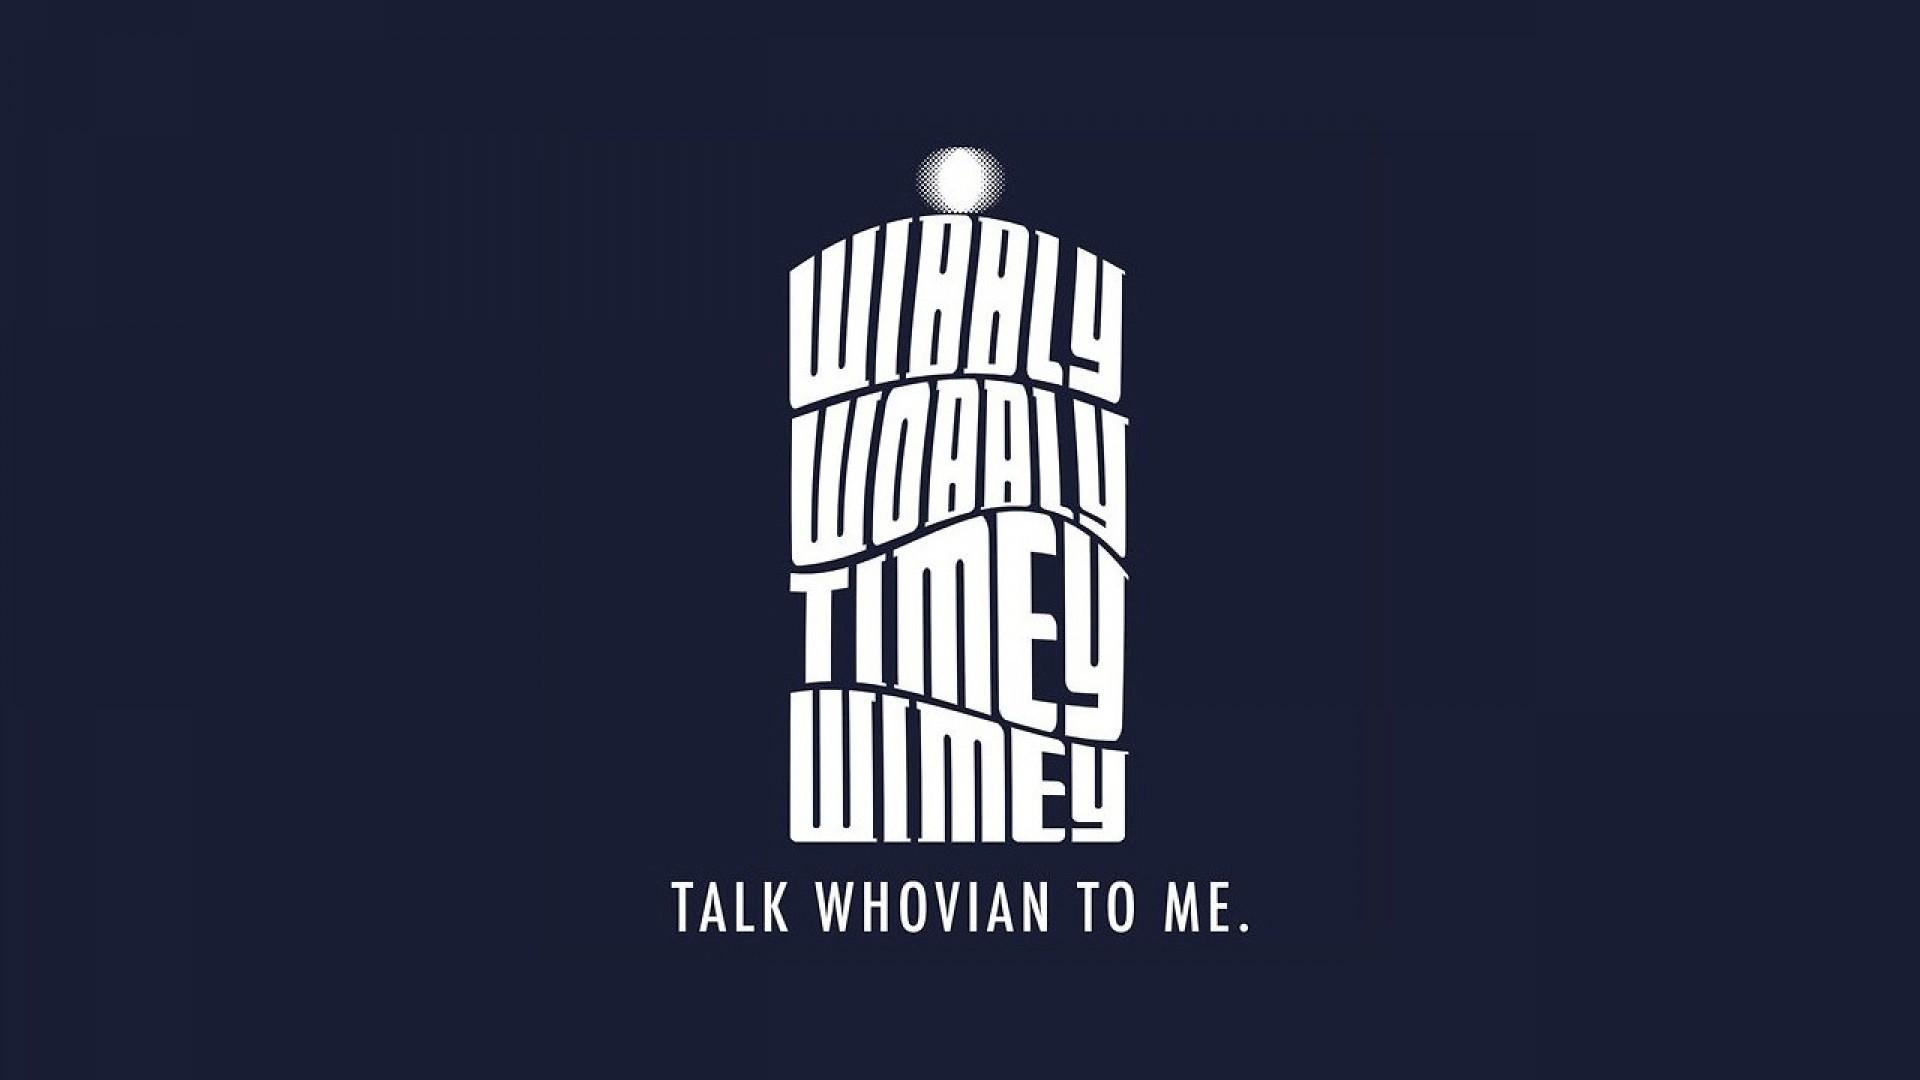 Doctor Who Tardis TV TARDIS Shows HD Wallpapers, Desktop | Free Wallpapers  | Pinterest | Tardis wallpaper, Wallpaper desktop and Wallpaper